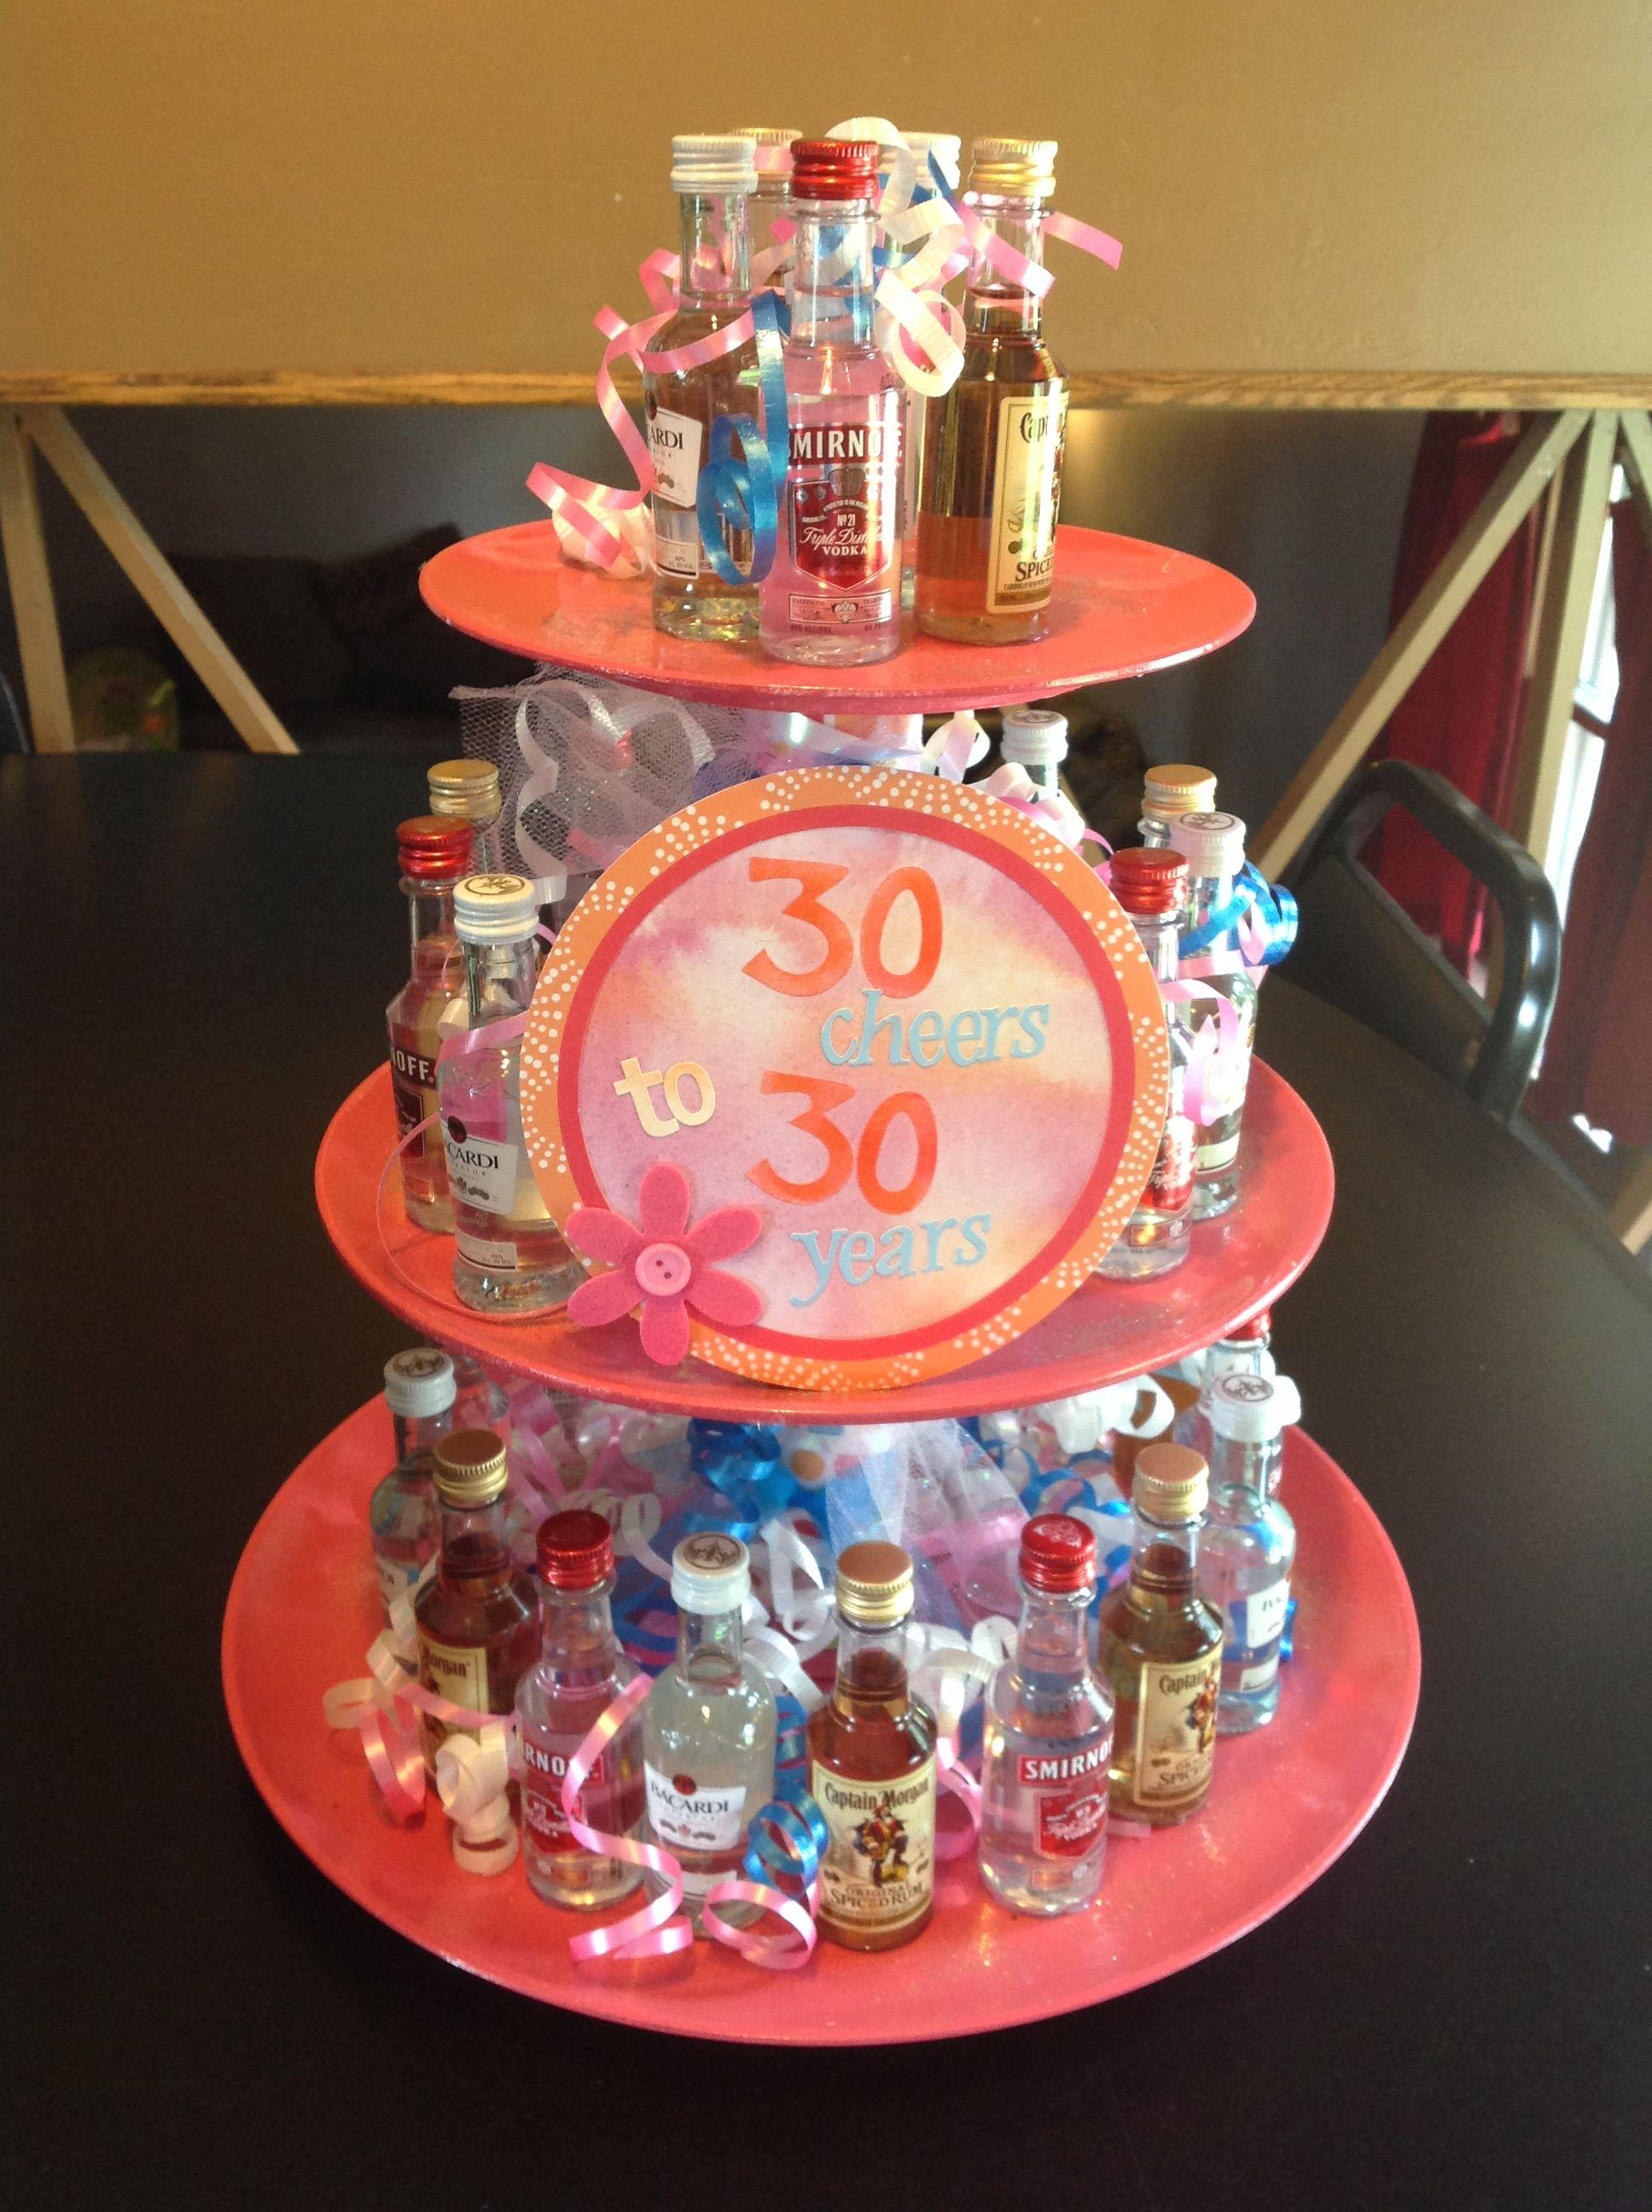 30 Cheers To Years 30th Birthday Gift With Mini Liquor Bottlesits Just Around The Corneraahhhhhhh Im Getting Nervous